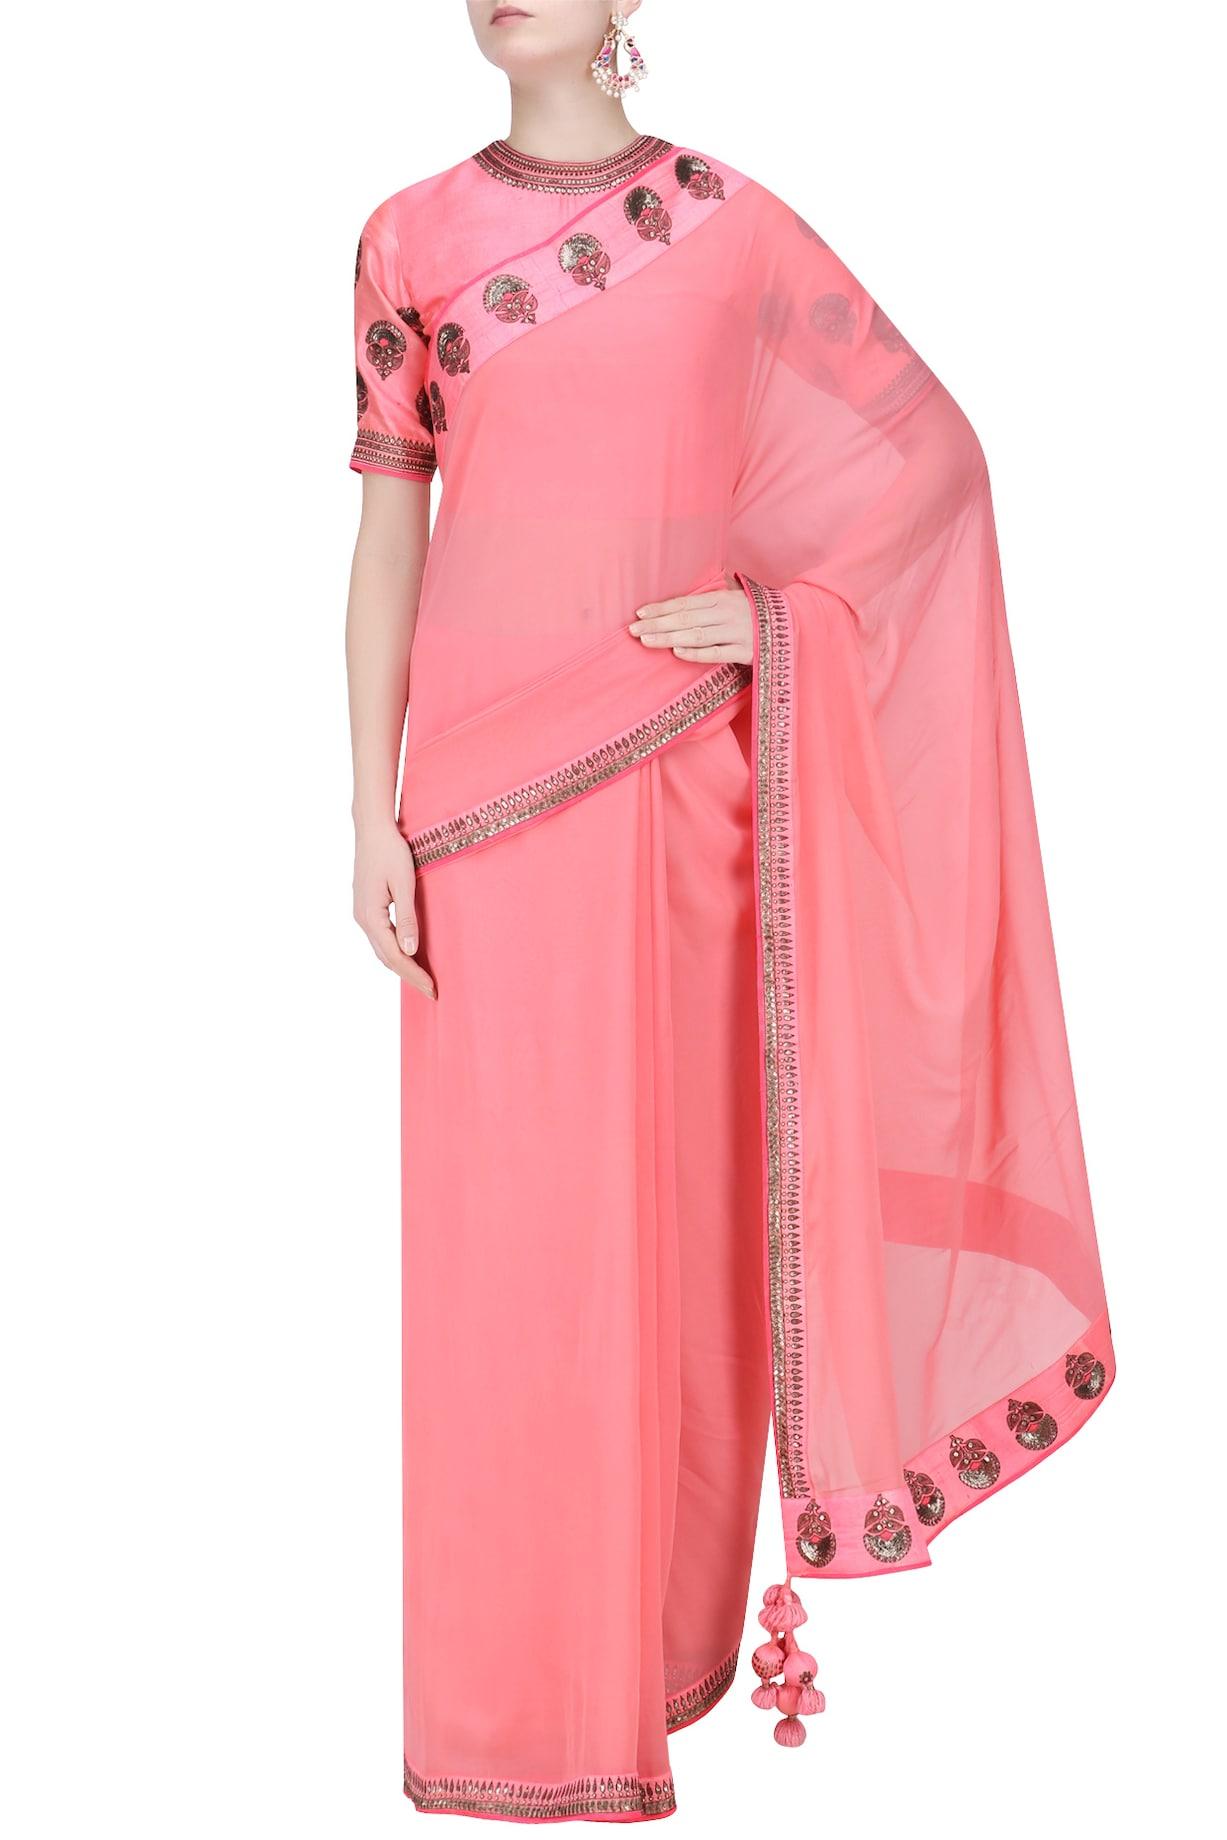 Radhika Airi Array